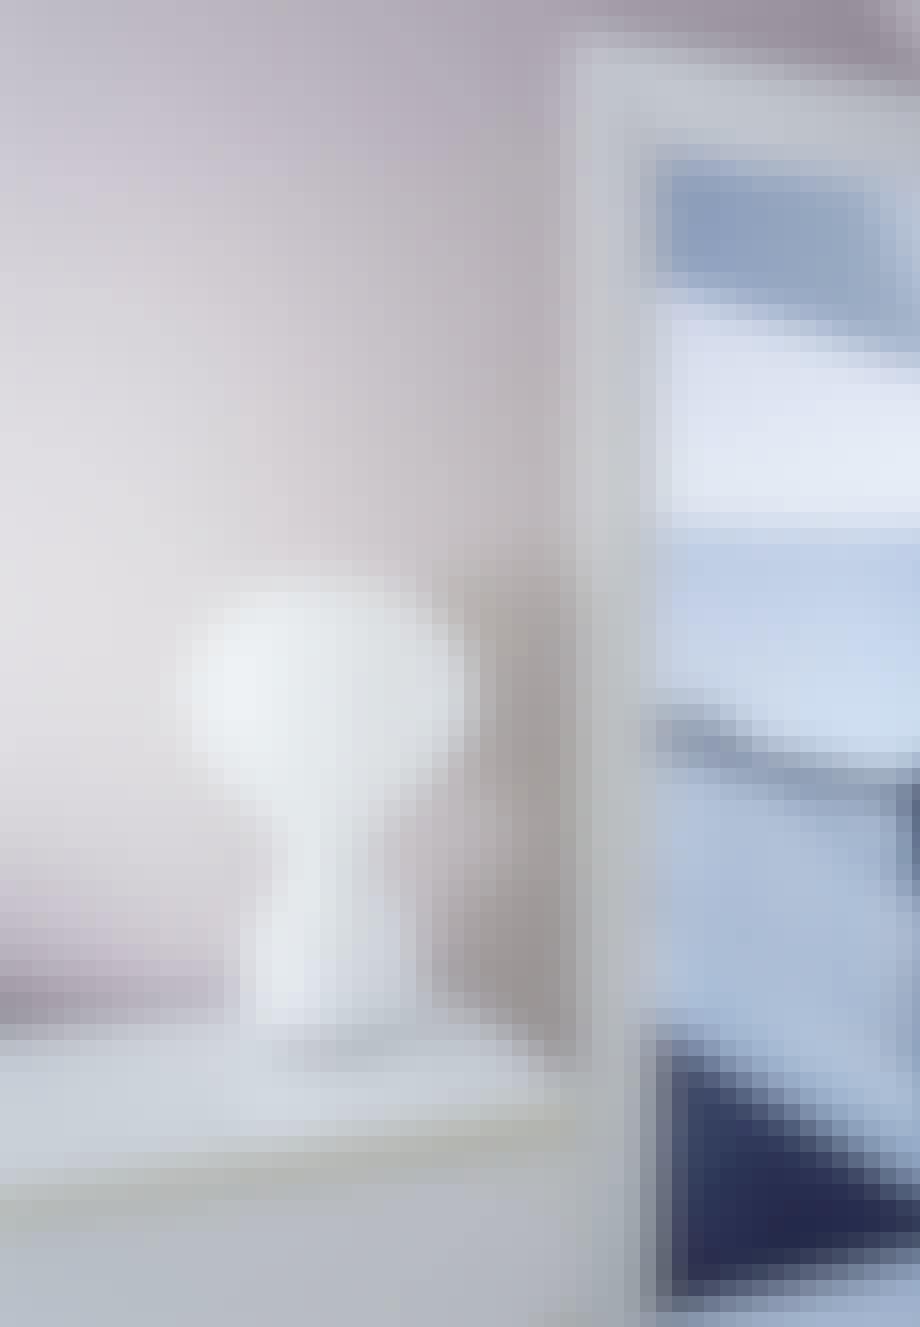 Skulpturel hvid lampe stående på hylde i soveværelset